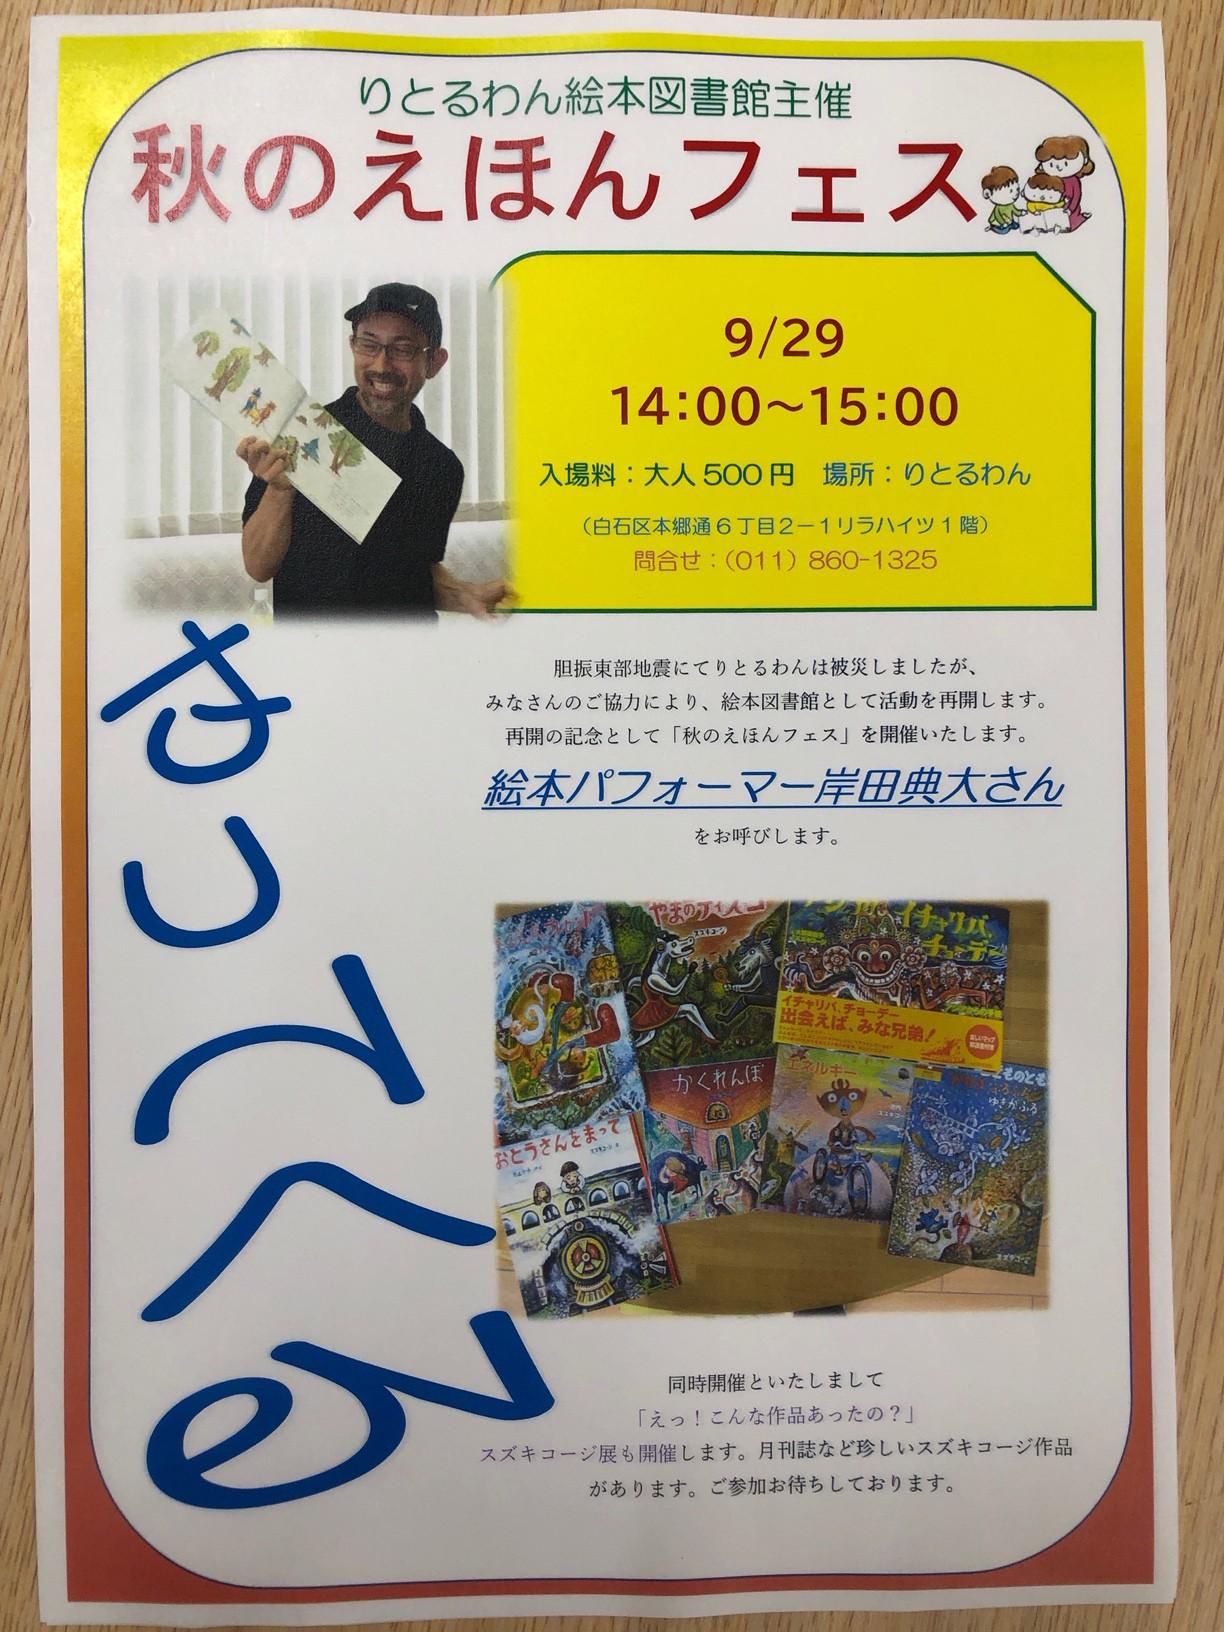 9月29日イベントやります。題して「秋のえほんフェス」大人は有料です。